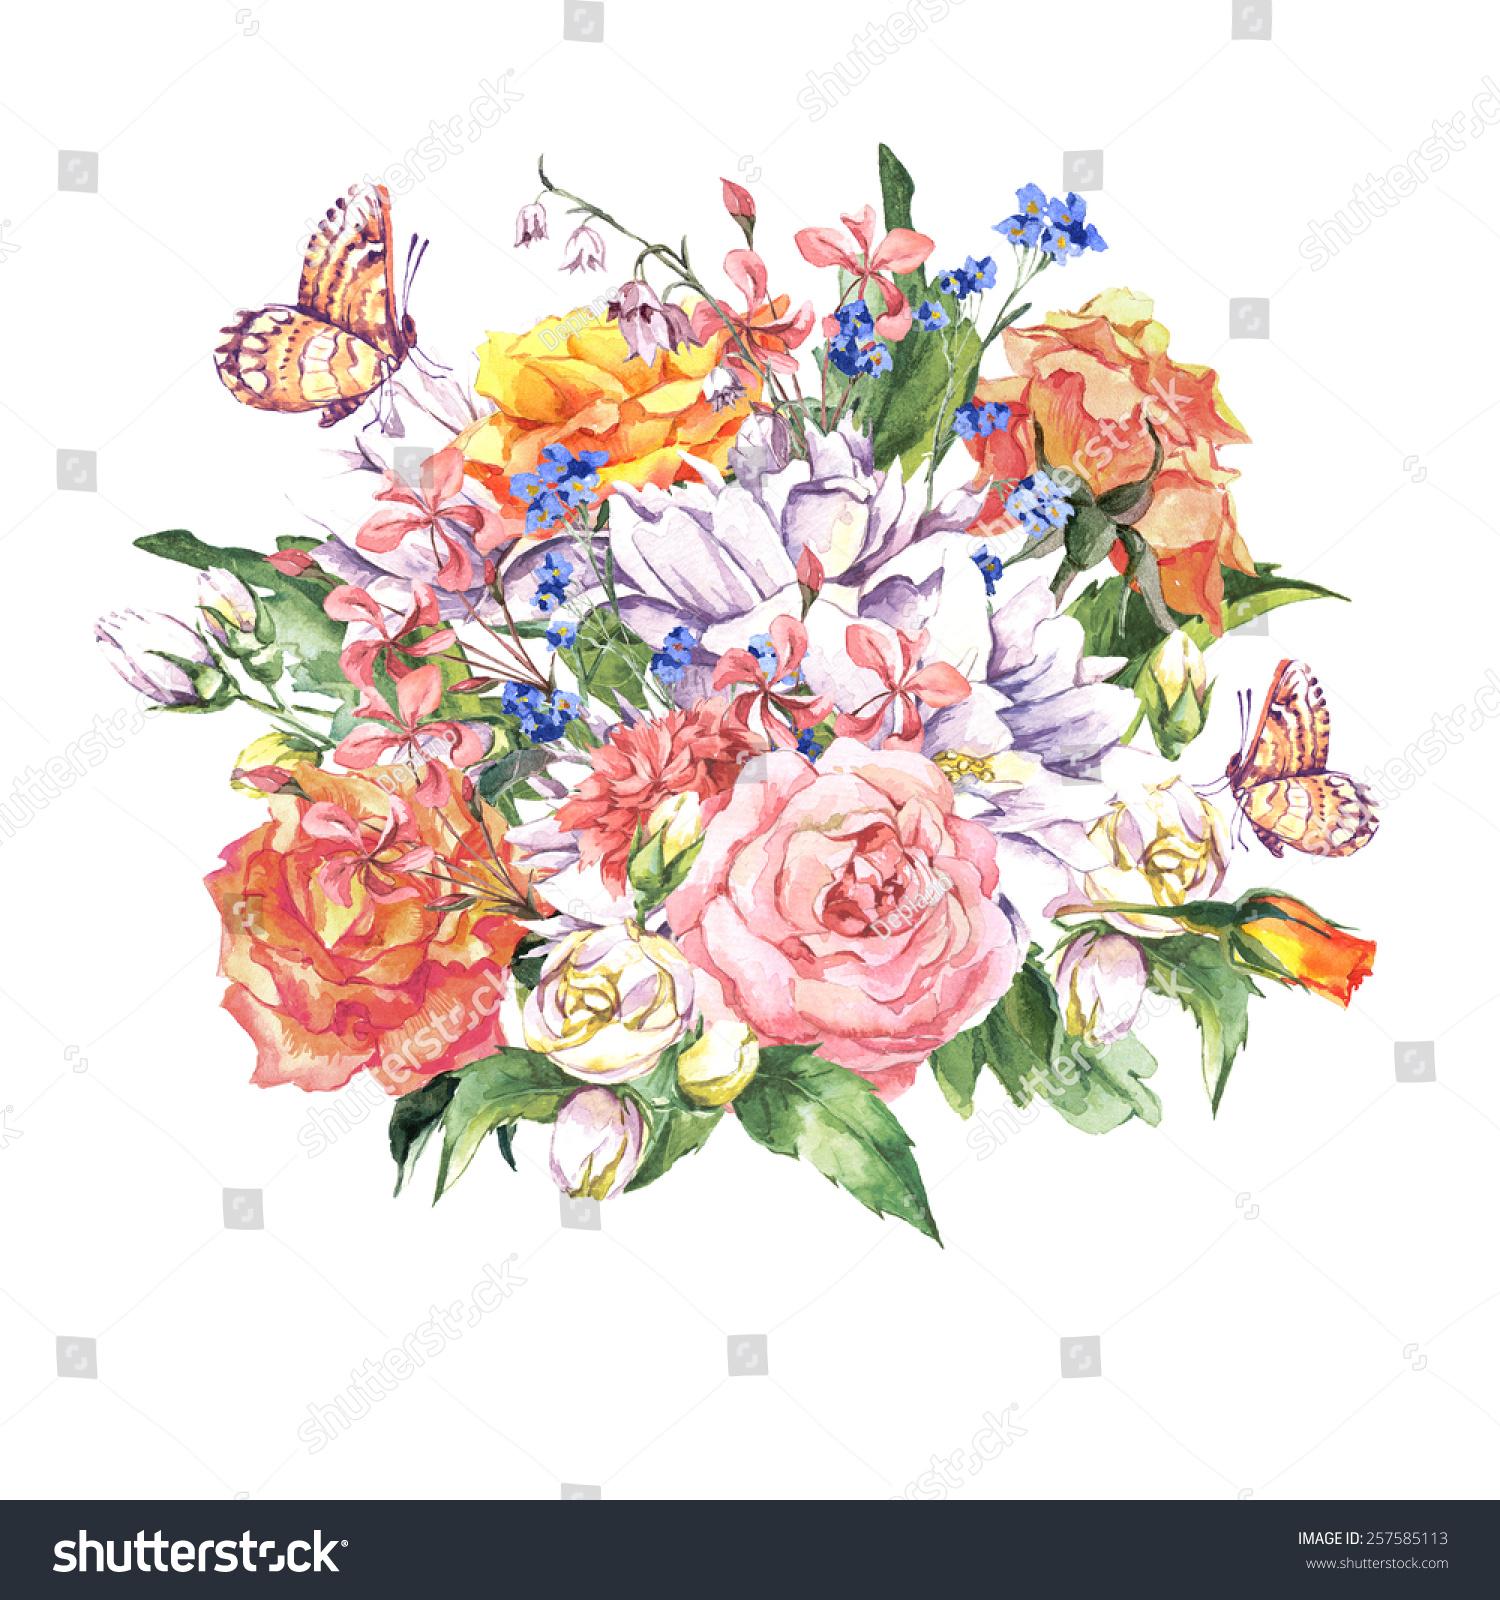 春天的花和玫瑰花束,茉莉花,蝴蝶和野花,老式贺卡,.